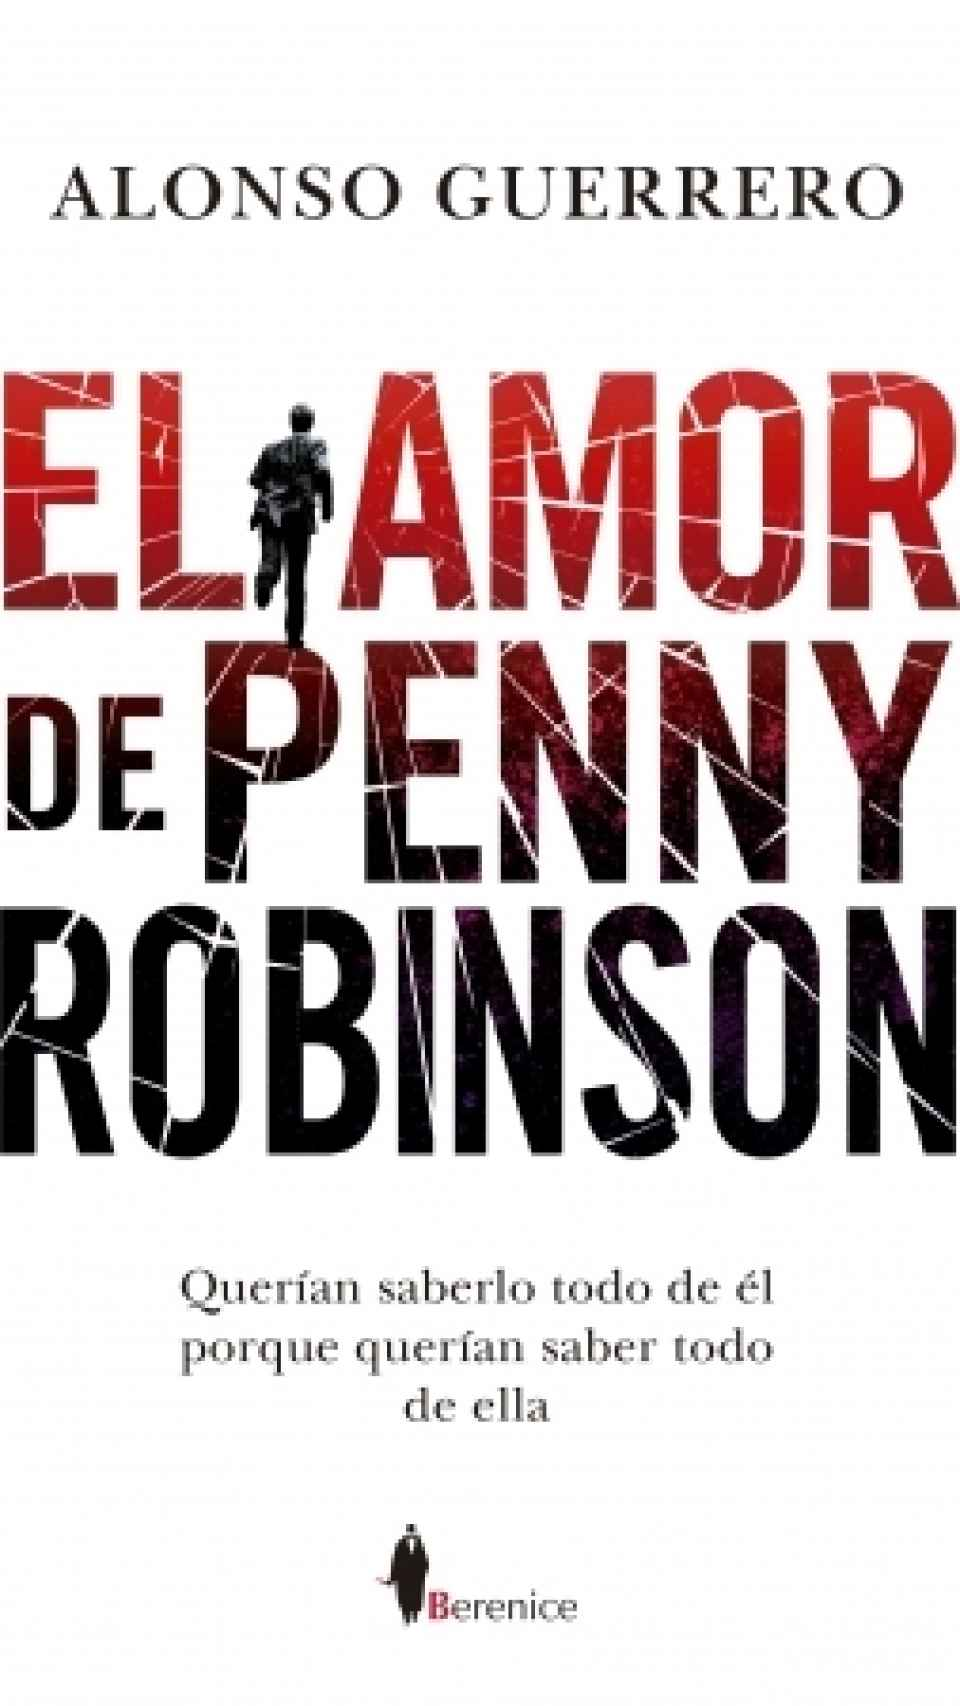 El libro de Guerrero.